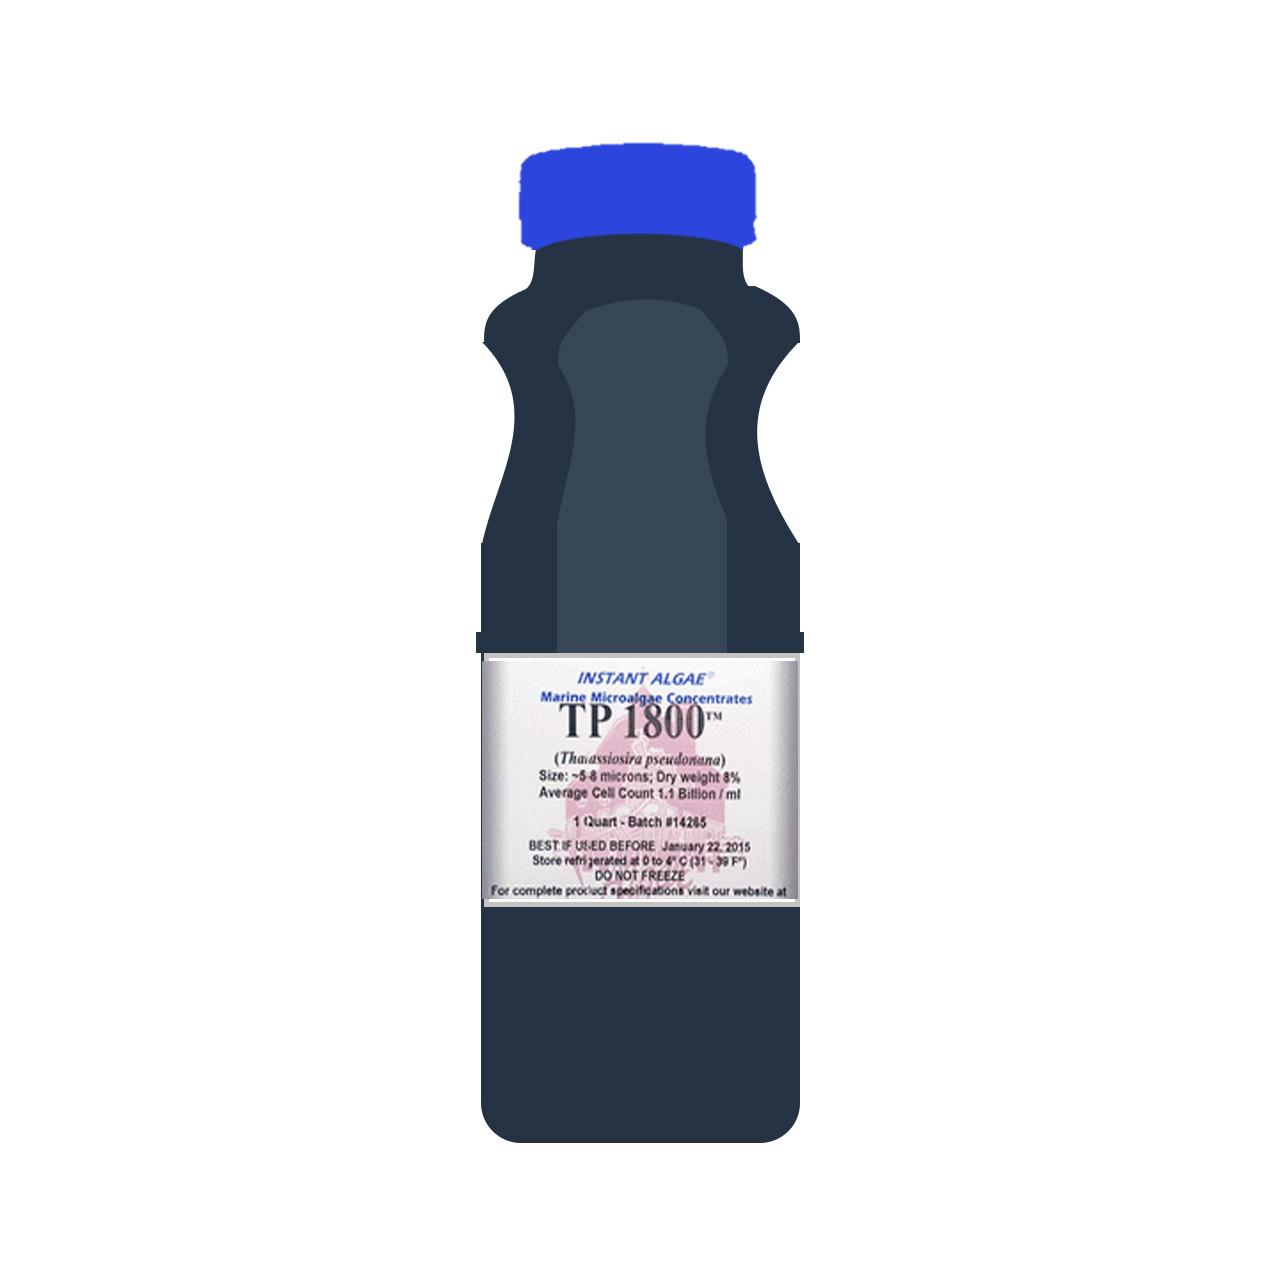 Thalassiosira pseudonana es una pequeña diatomea (4,5-8 μm x 6-10 μm) que se utiliza en la industria larvaria de camarones y bivalvos. Se ha encontrado que esta alga es excelente para el camarón larvario. A diferencia de muchas diatomeas, el perfil de ácidos grasos omega-3 de Thalassiosira pseudonana proporciona, además de un amplio EPA (20,5% de ácidos grasos), DHA significativo (6,3% de ácidos grasos).